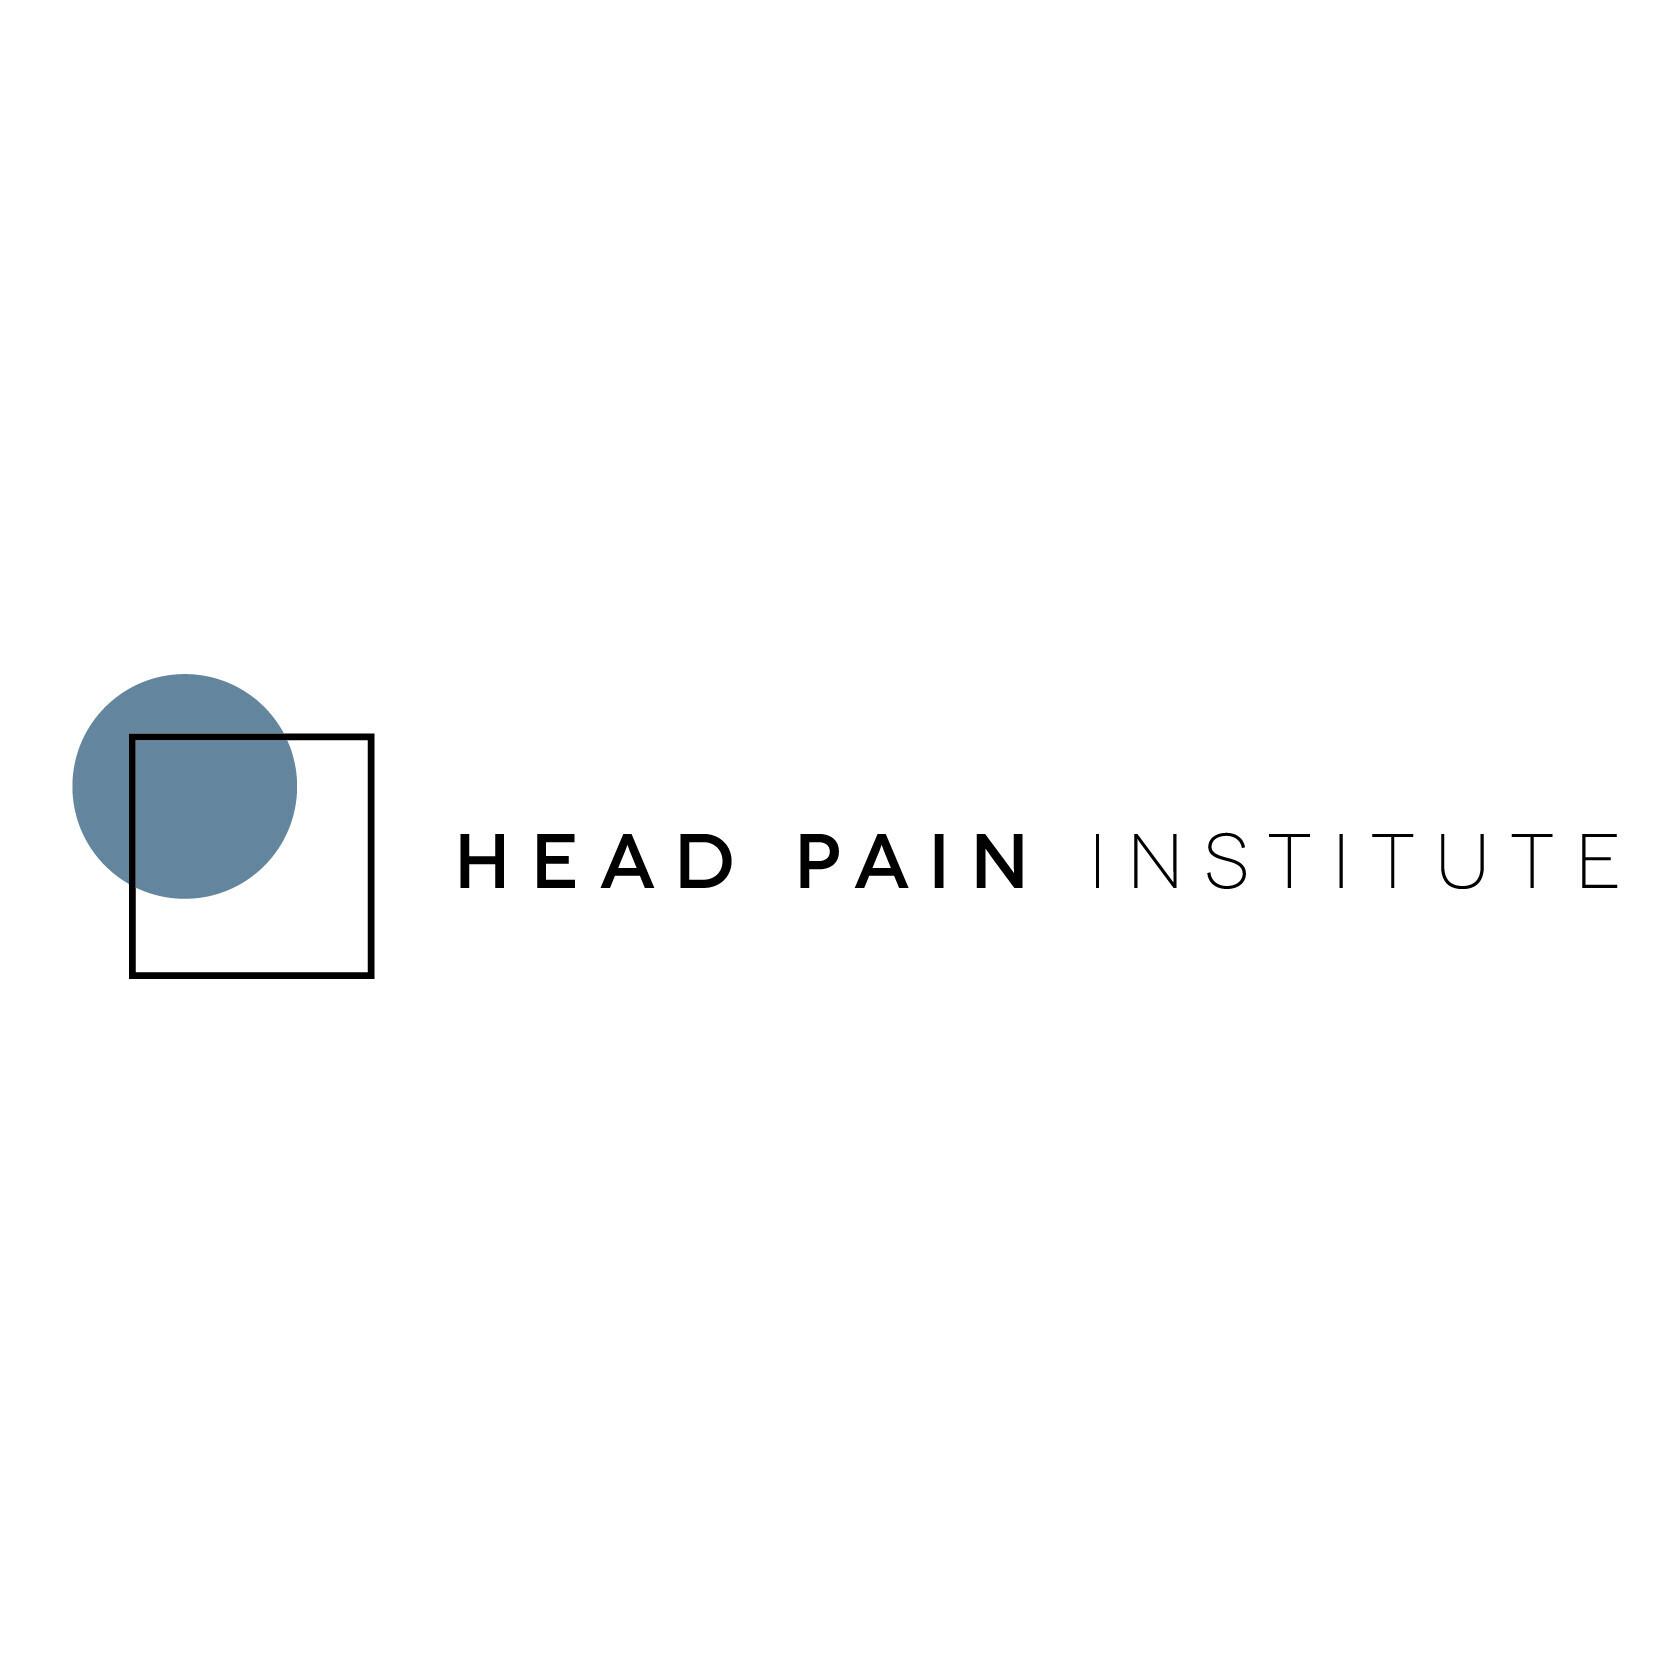 Head Pain Institute